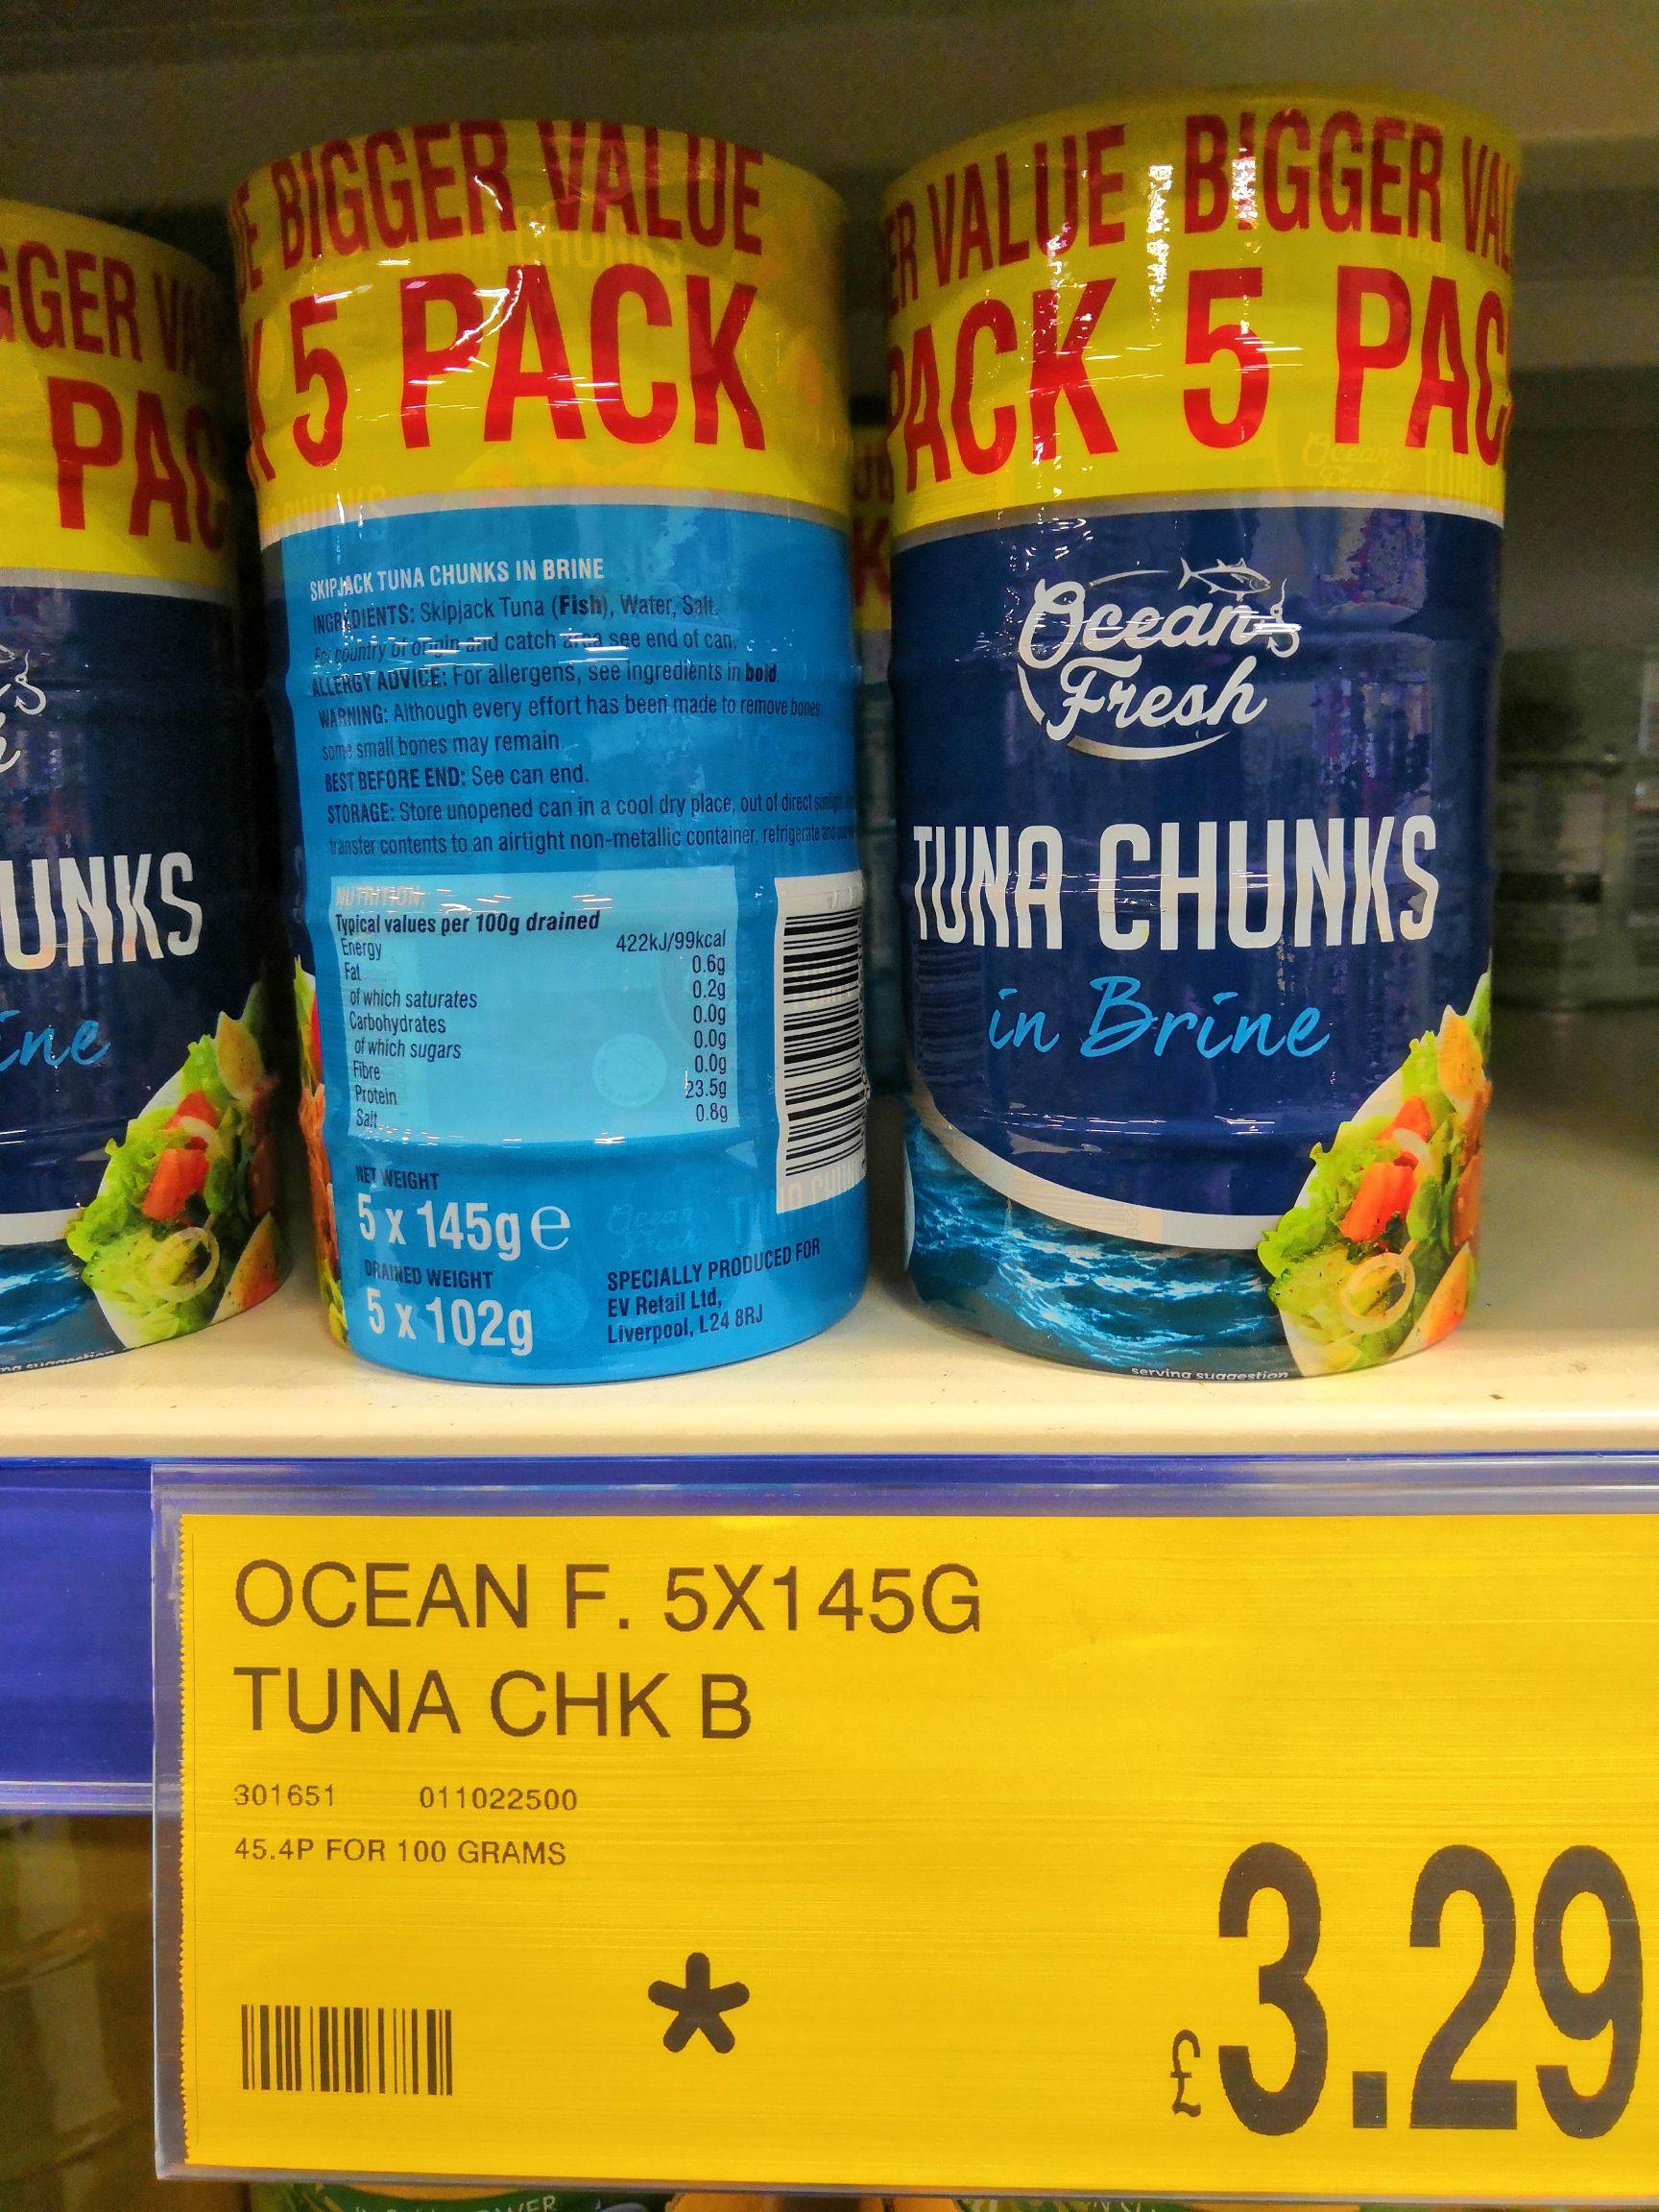 Ocean Fresh 5 x 145g Tuna chunks in brine at B&M stores - £3.29